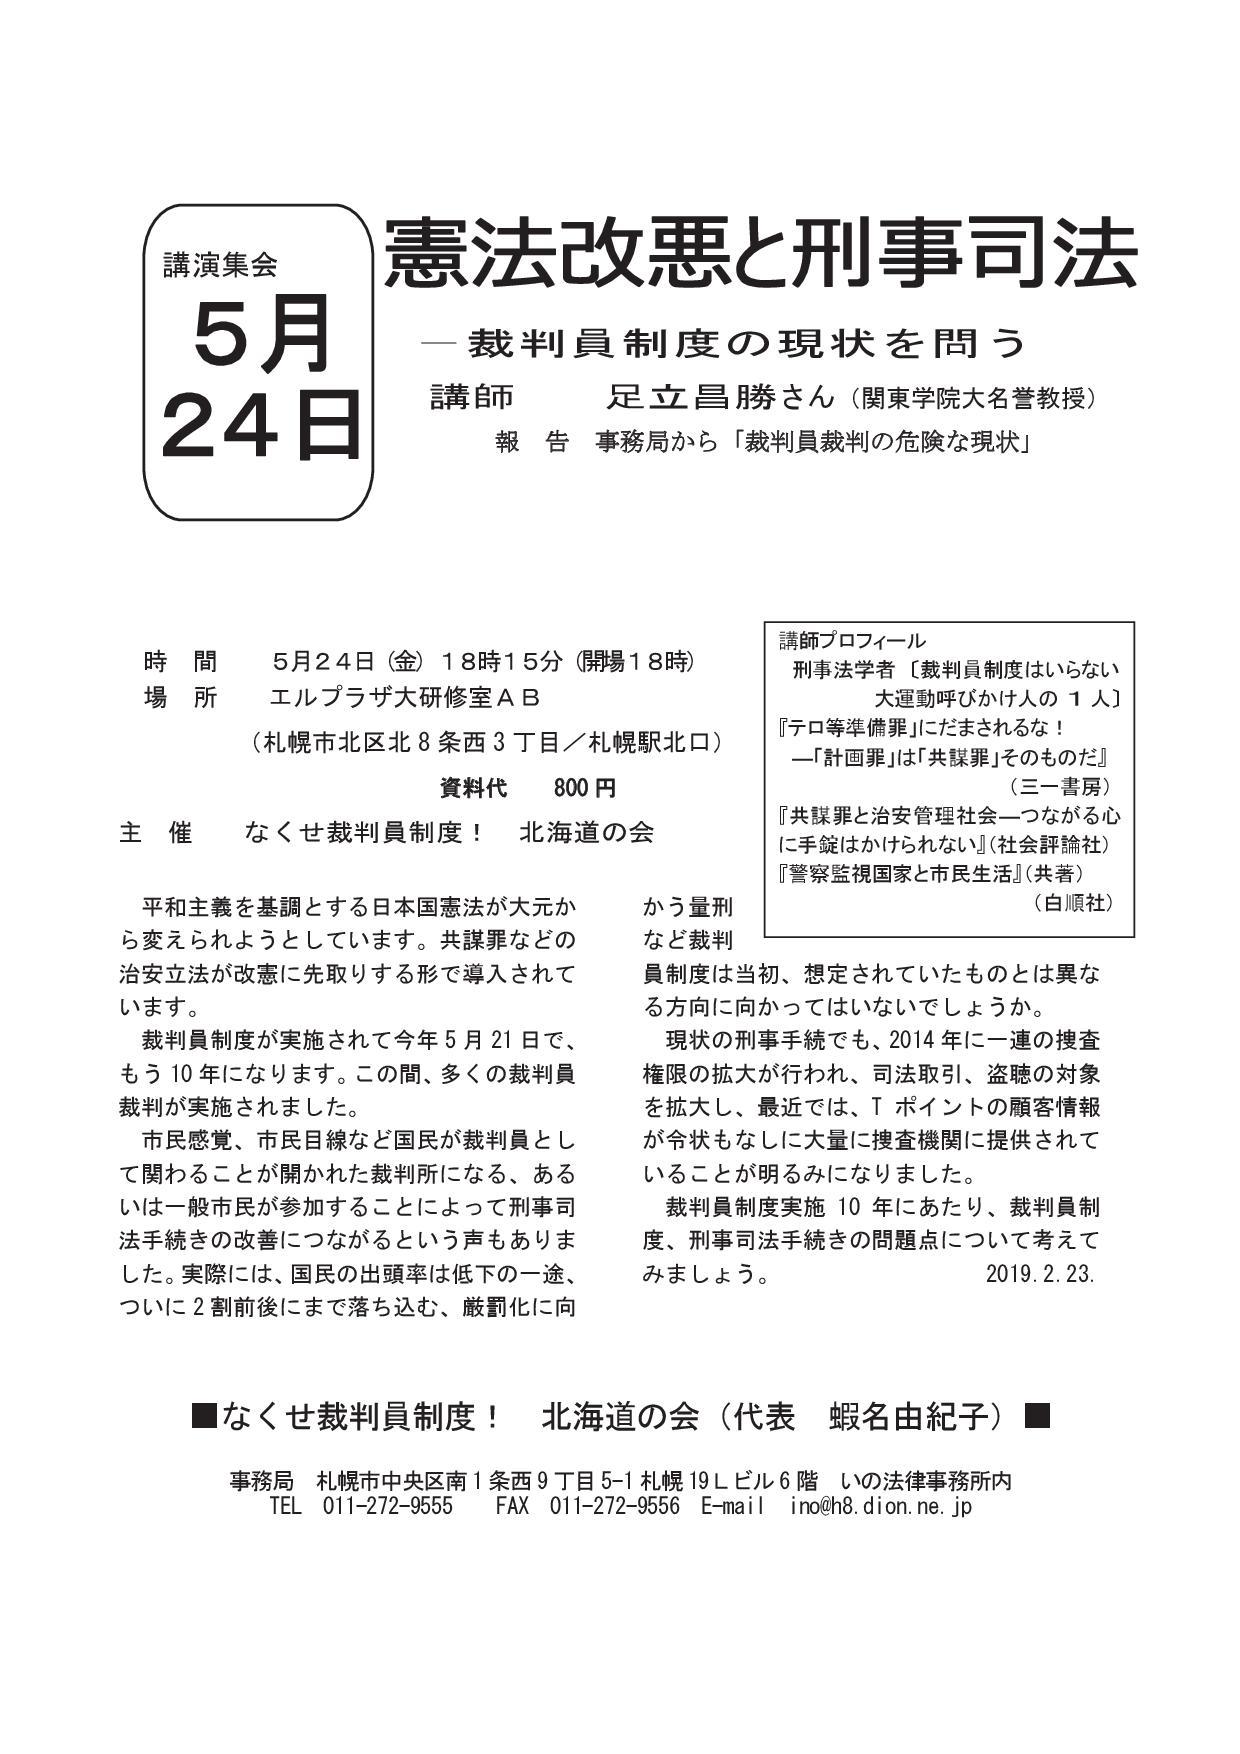 5月24日裁判講演集会